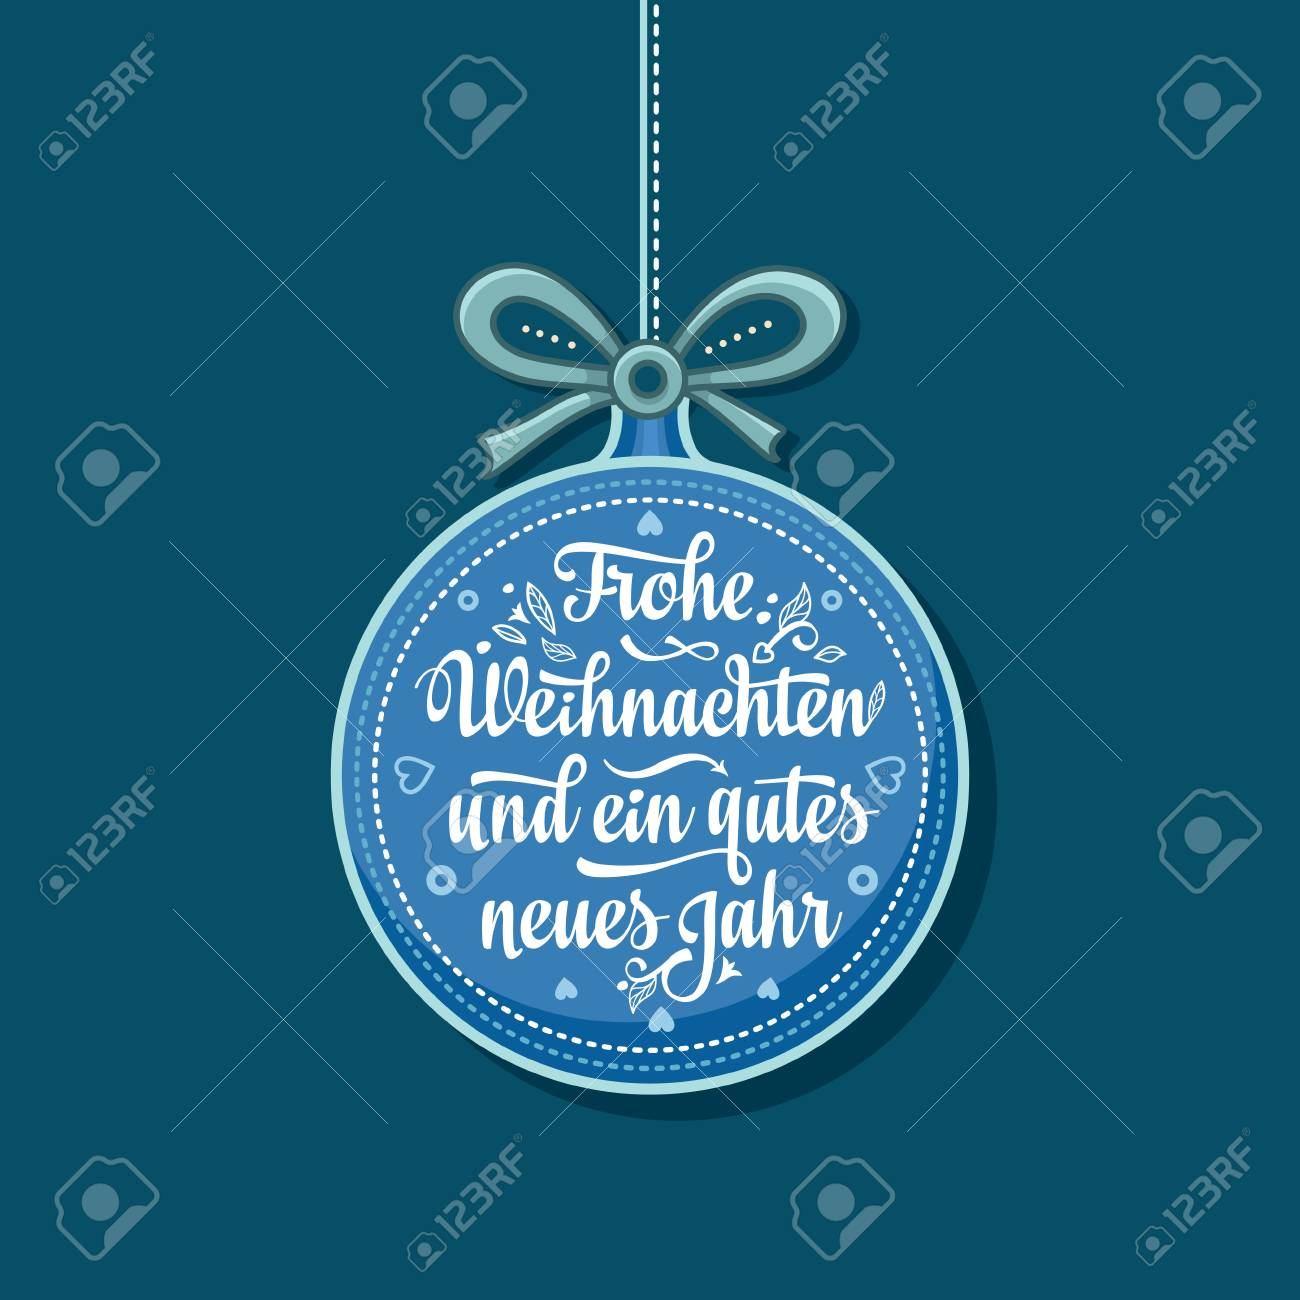 Frohe Weihnachten Schweiz.Stock Photo